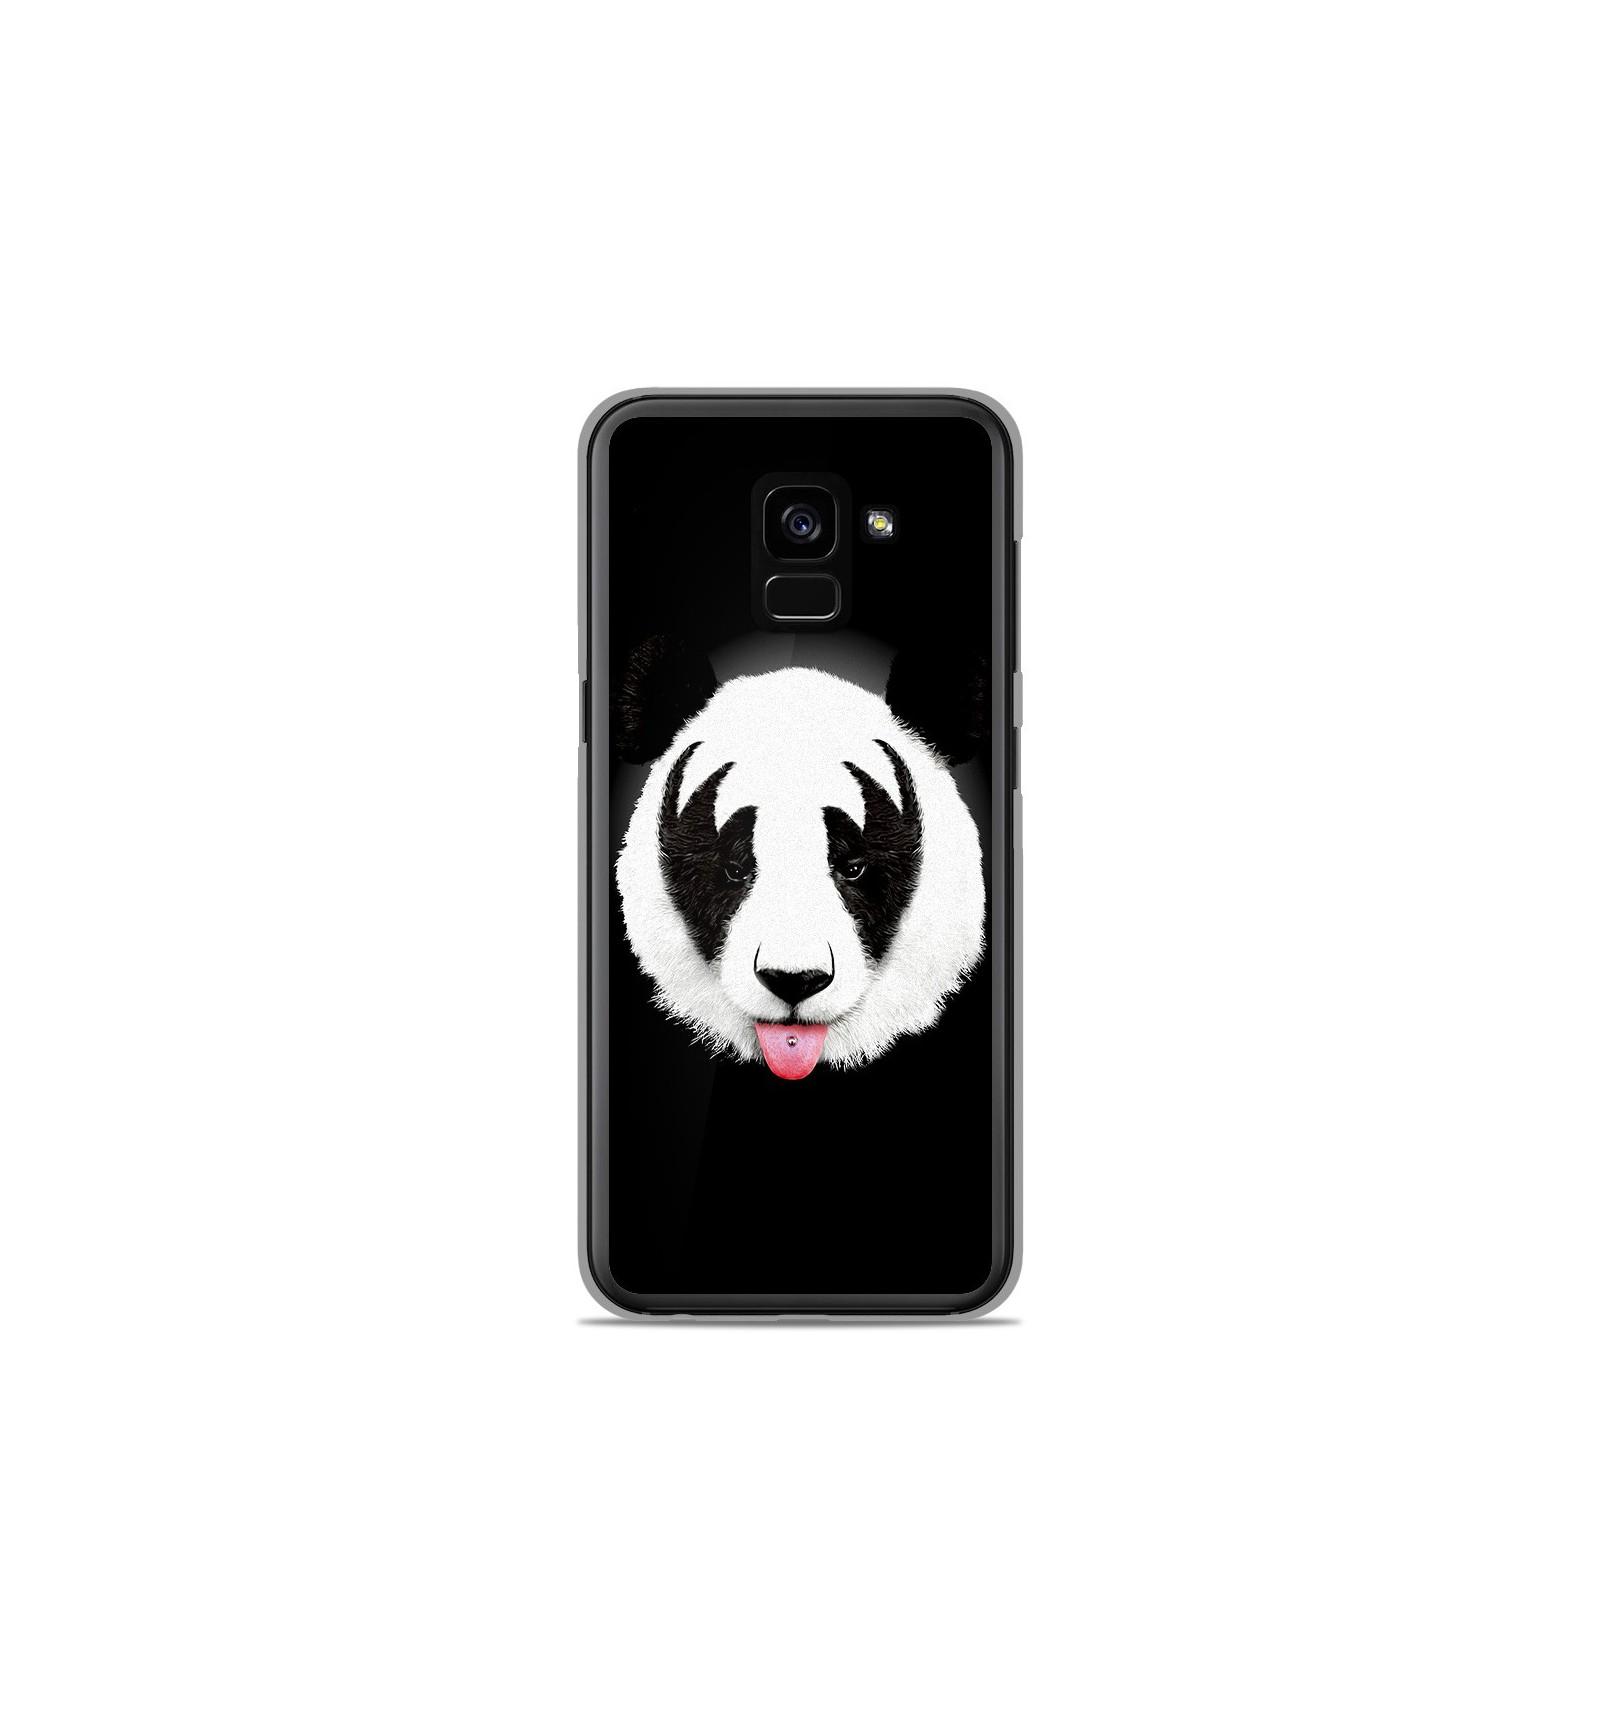 coque samsung galaxy a8 panda